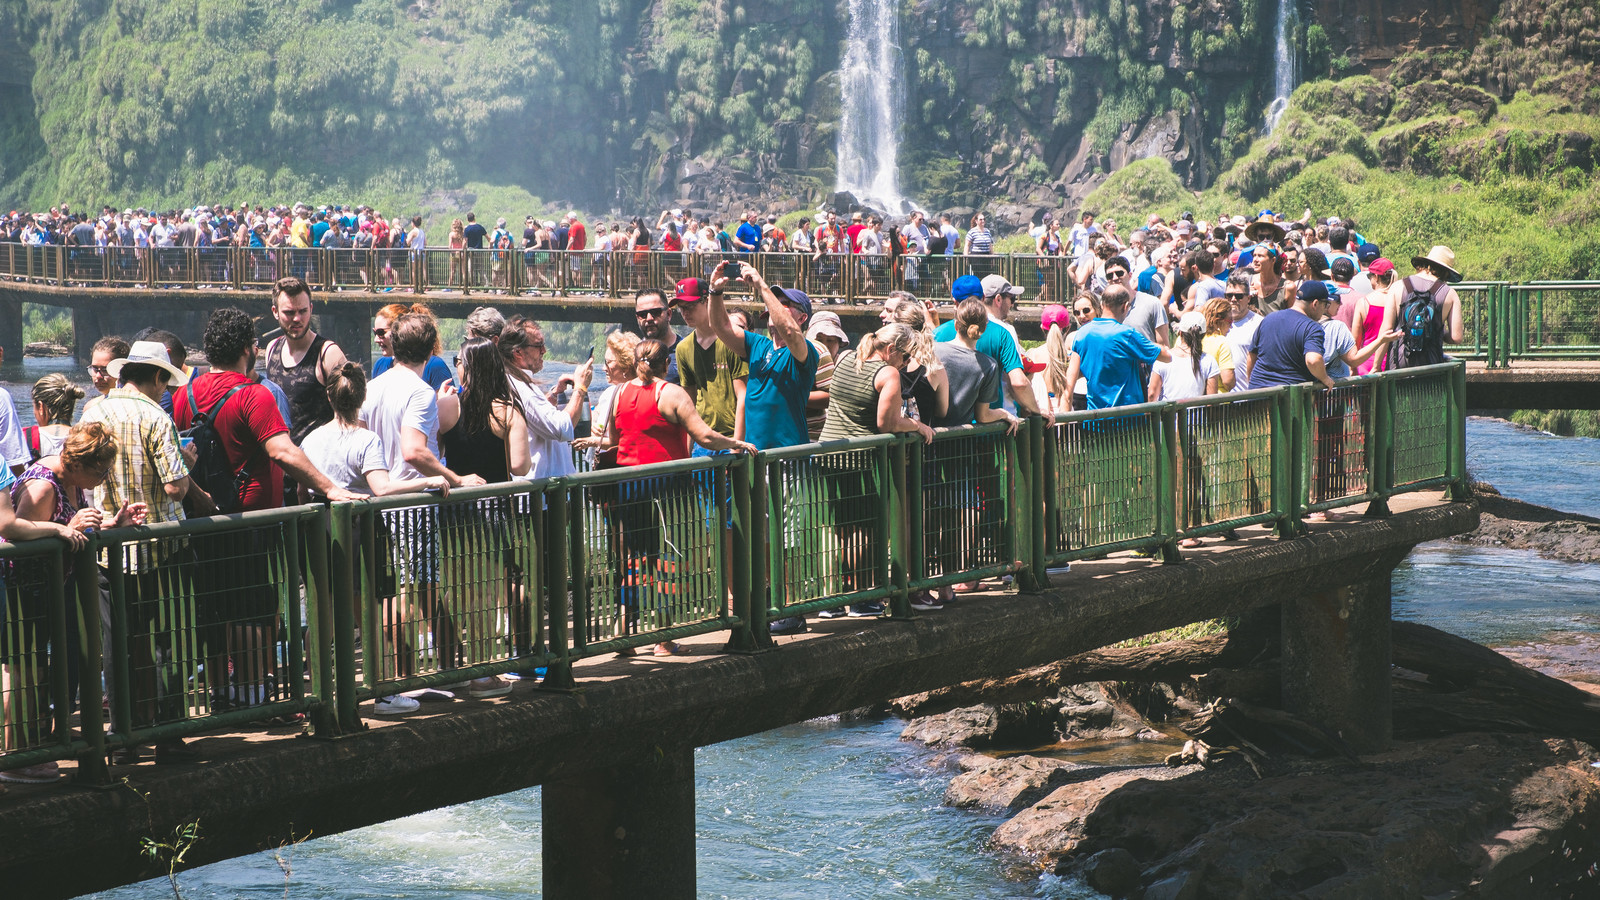 「イグアスの滝を間近に見ようとする観光客の行列」の写真